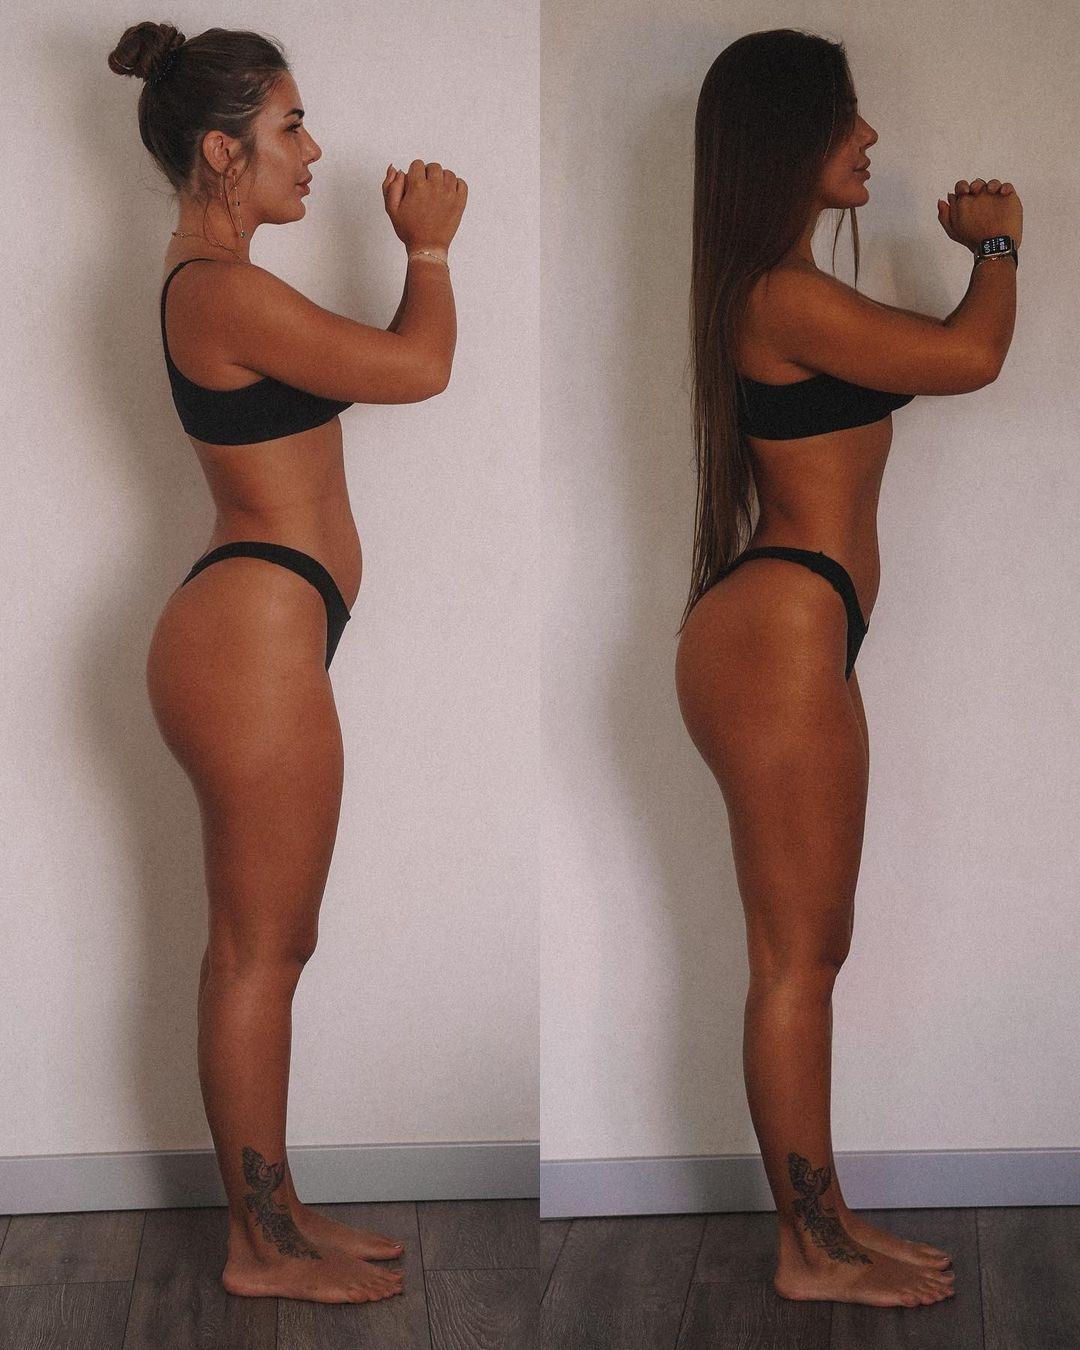 софи стужук до и после похудения